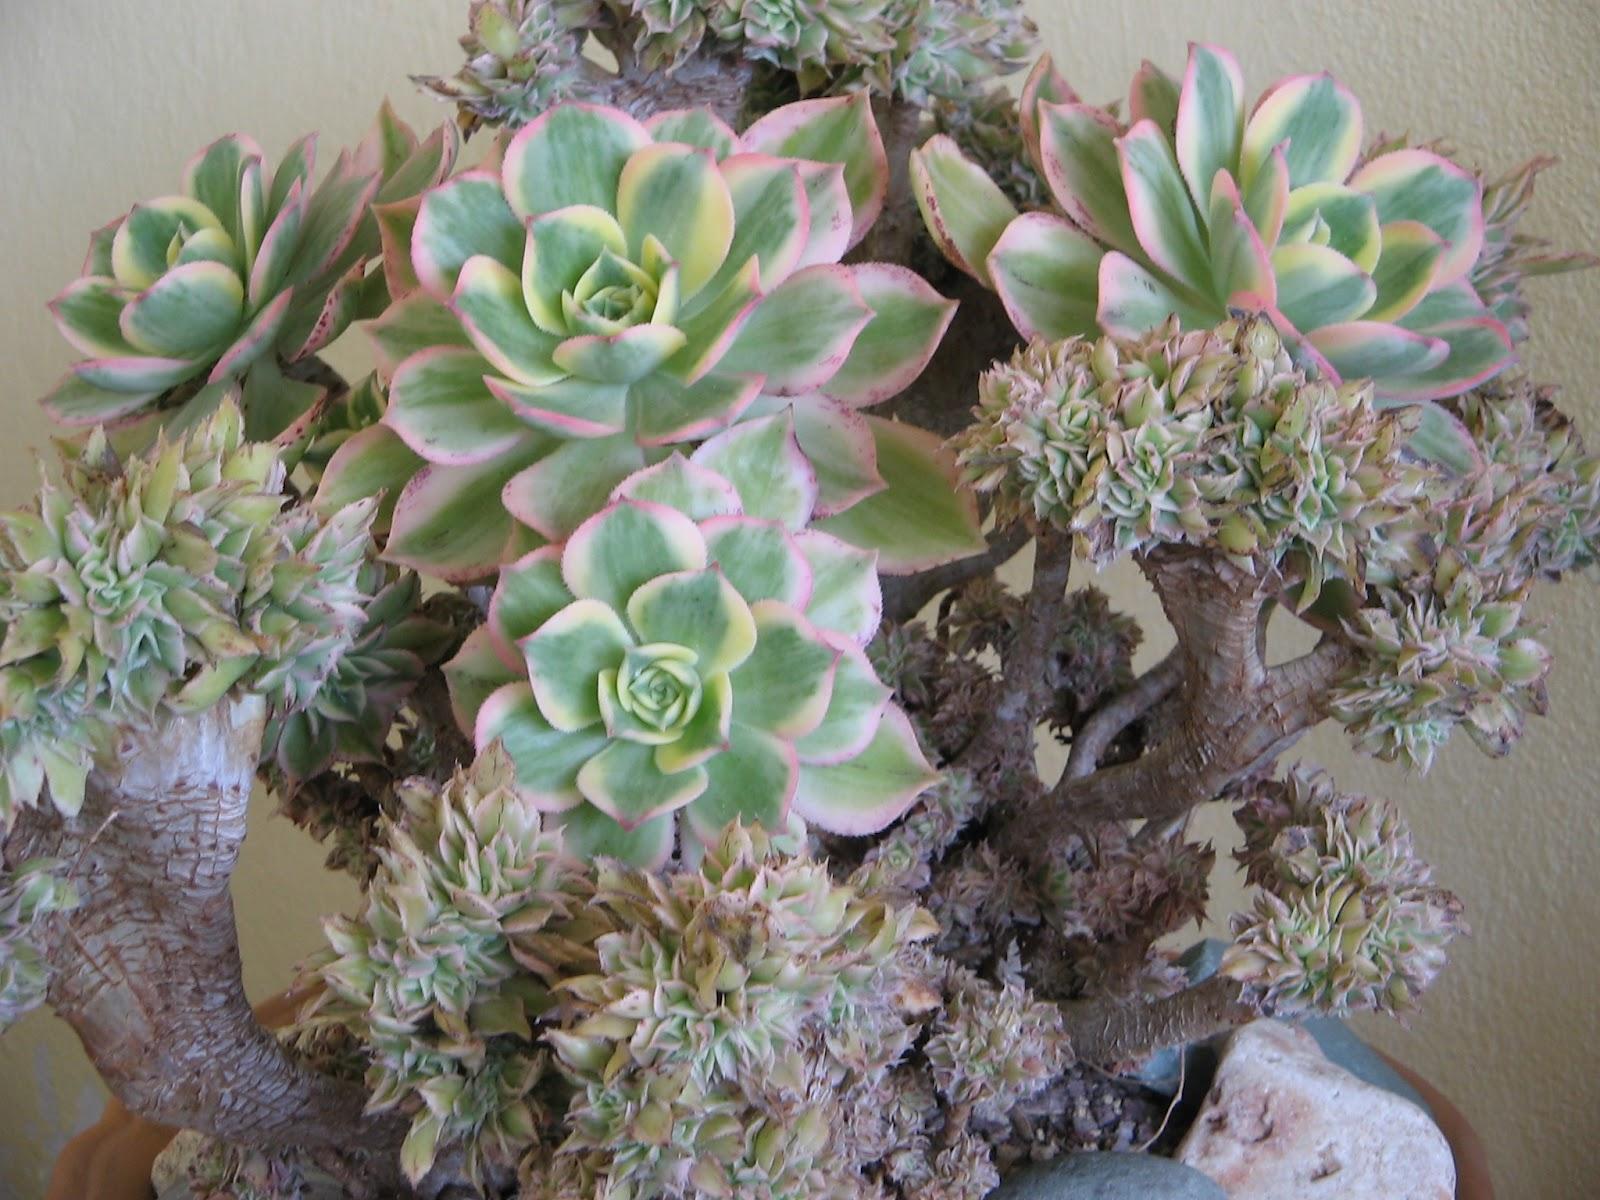 Living ravenna visita alla mostra di piante grasse al mar for Foto piante grasse particolari